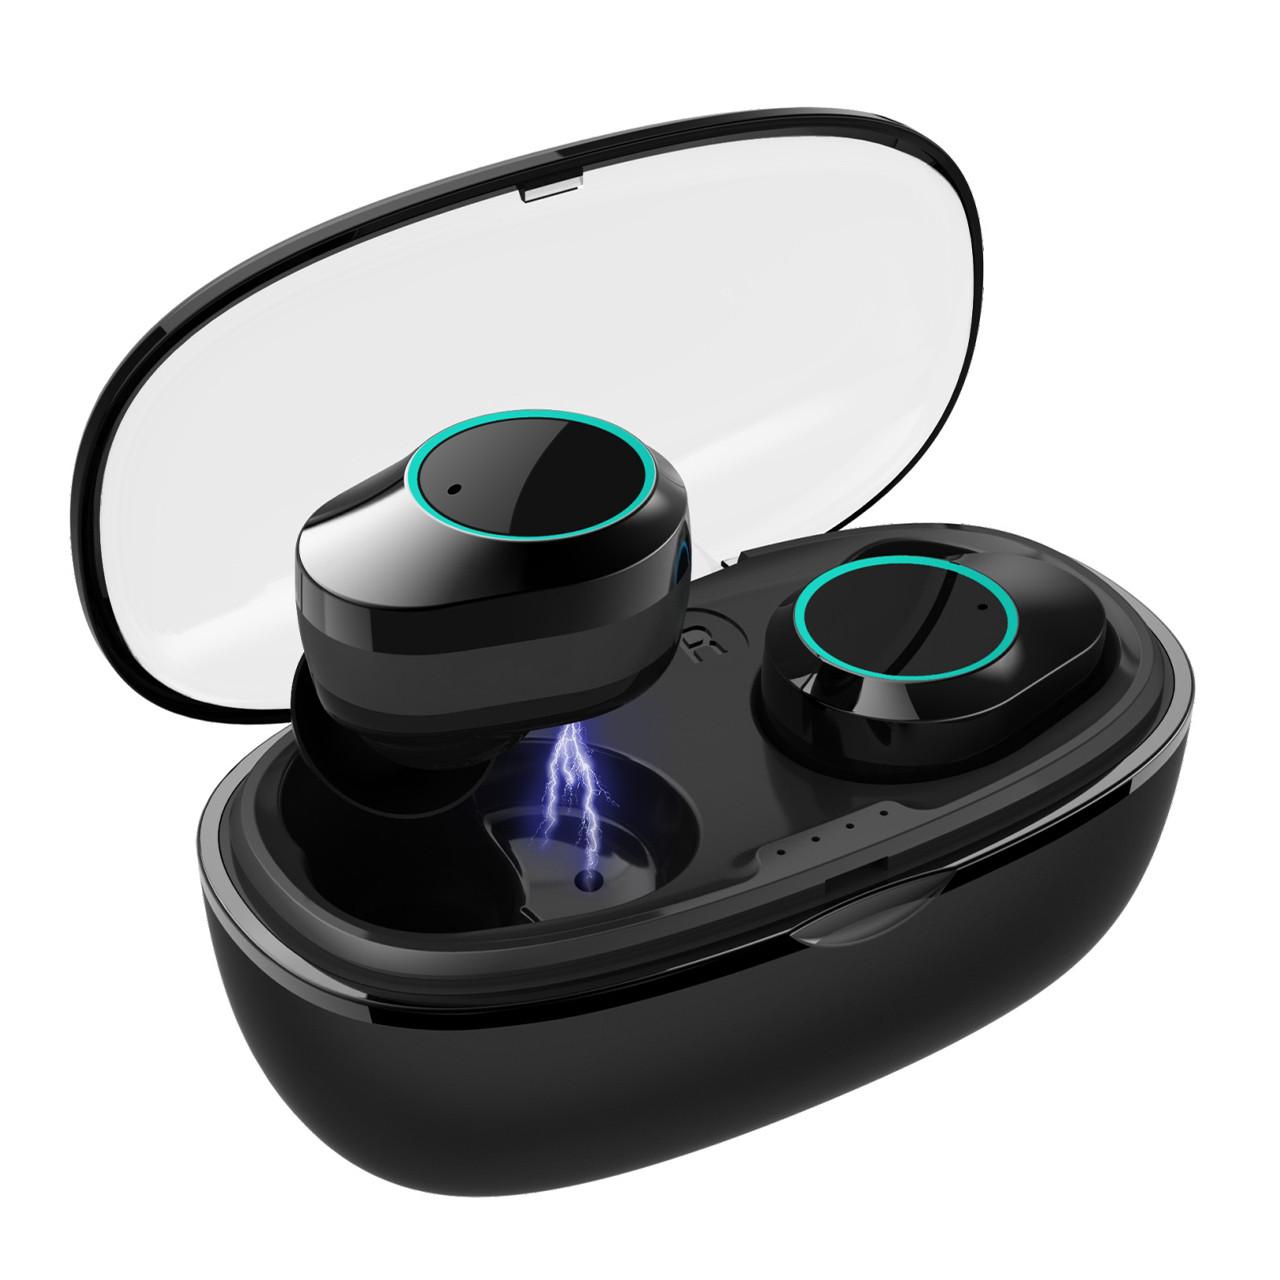 ϞБеспроводная Bluetooth гарнитура KUMI T5S Black Блютуз 5.0 влагозащищенная сенсорная с зарядным кейсом